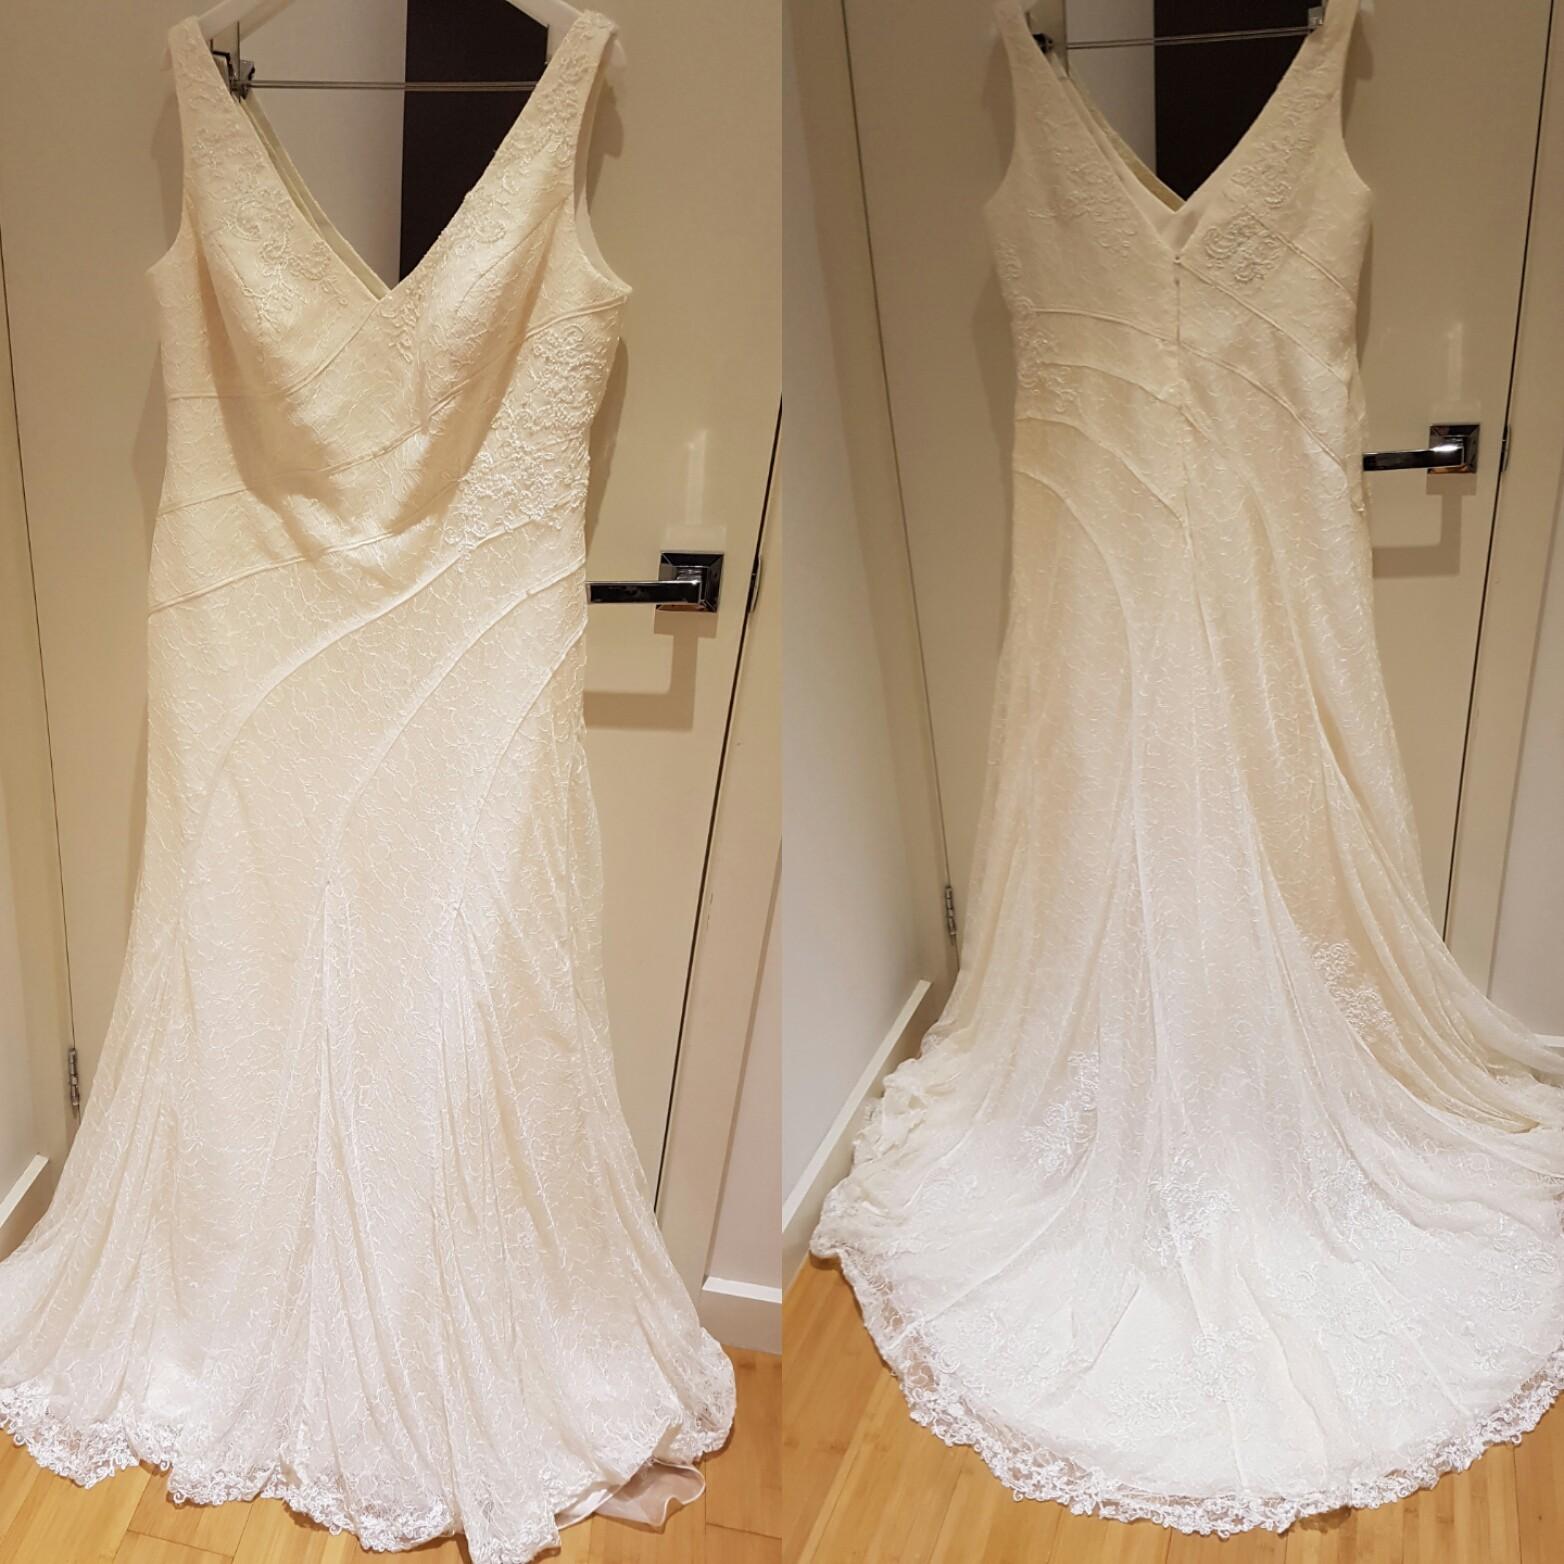 Vera Wang White By Vera Wang V-Neck And Lace Wedding Dress